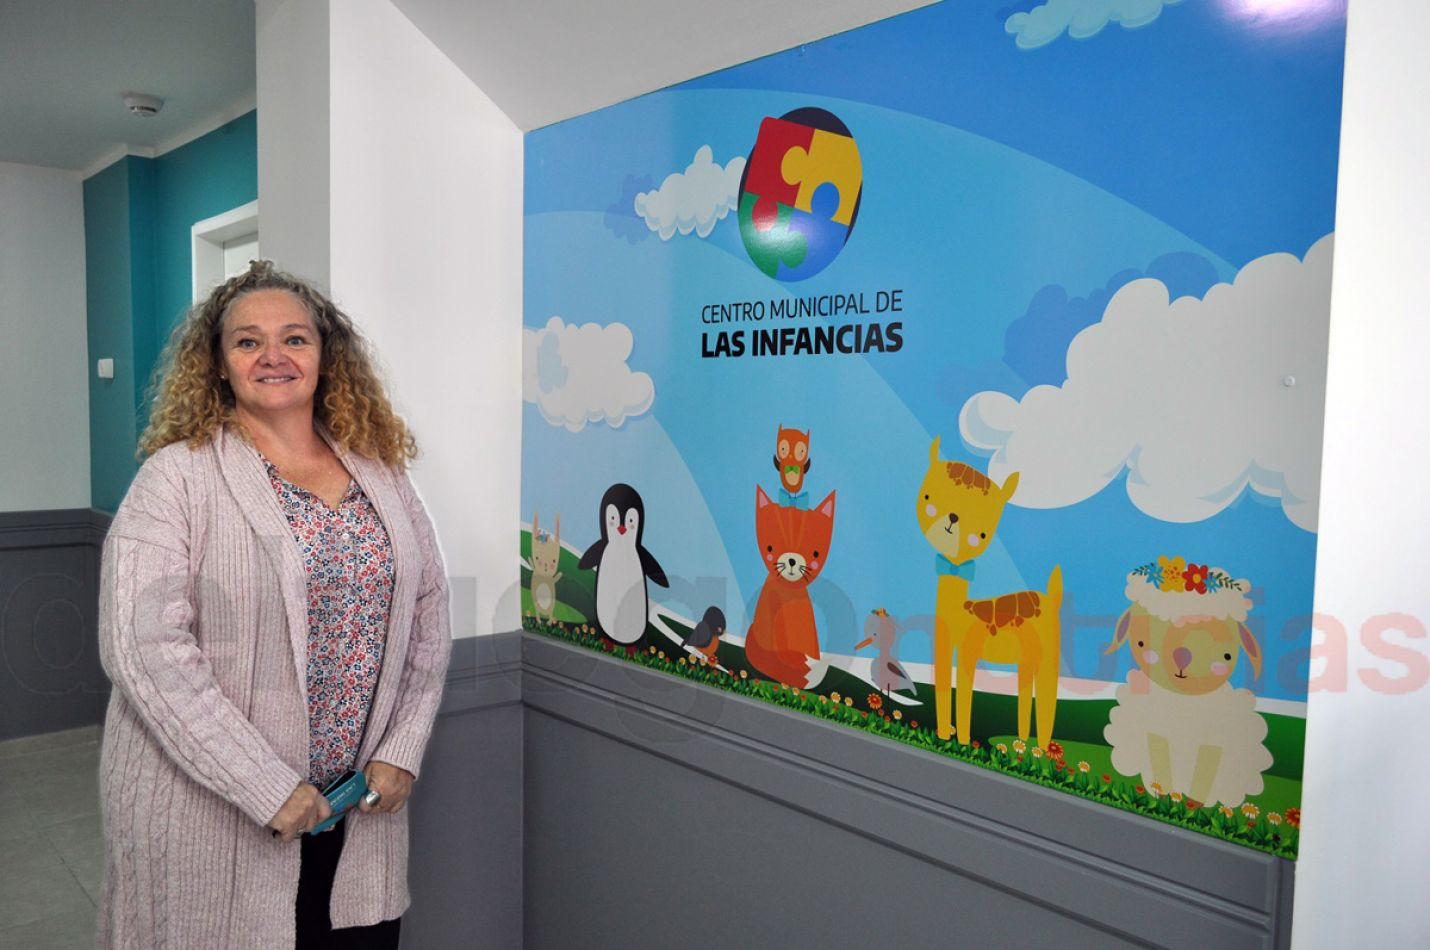 Dra. Andrea Mineiro, directora del Centro Municipal de las Infancias.